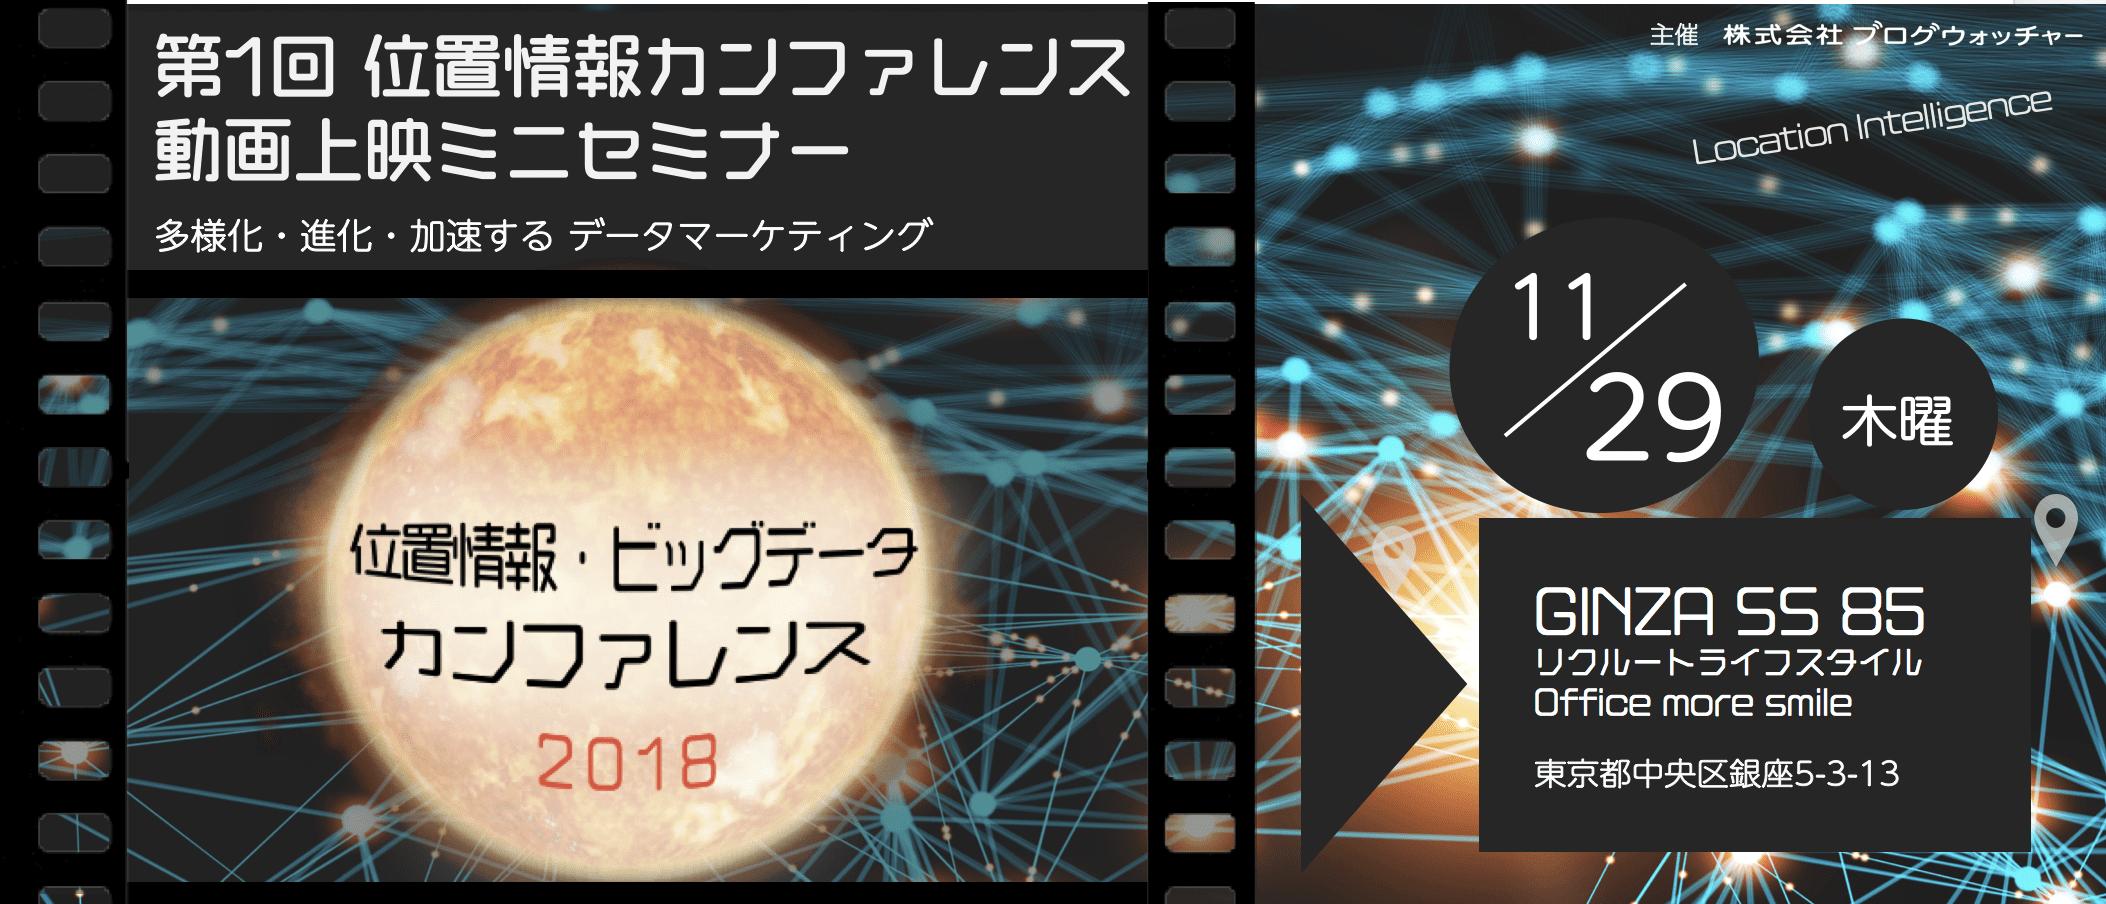 スクリーンショット 2018-11-04 23.57.28